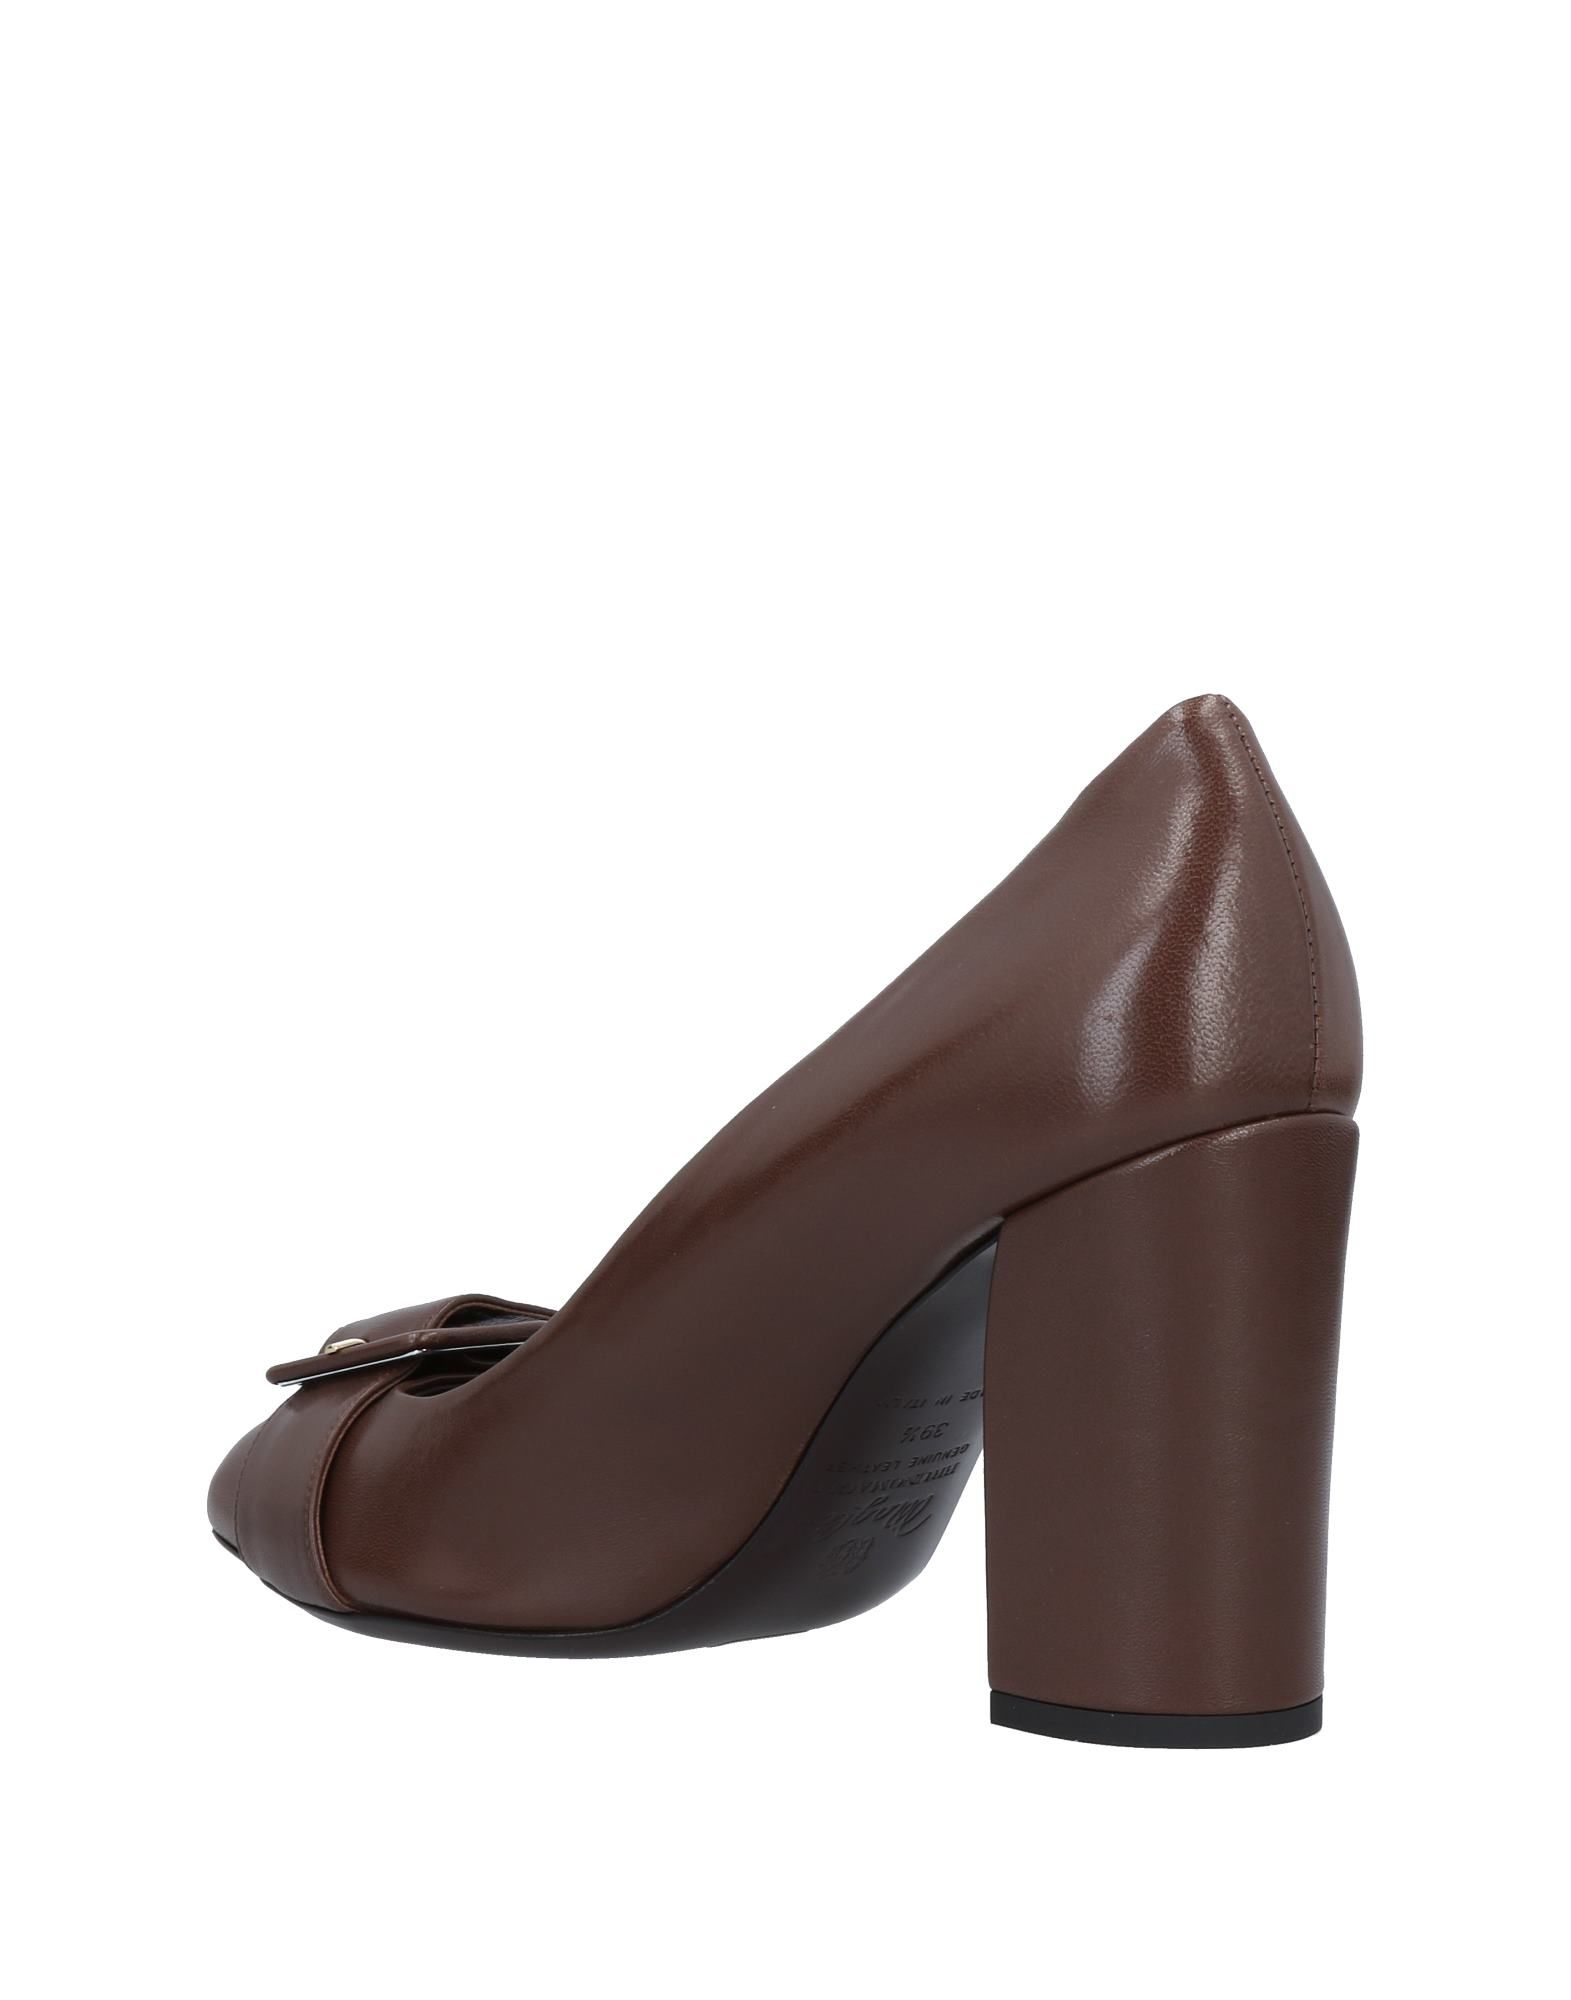 Gut um Pumps billige Schuhe zu tragenMagli By Bruno Magli Pumps um Damen  11490781DH 9d6b14